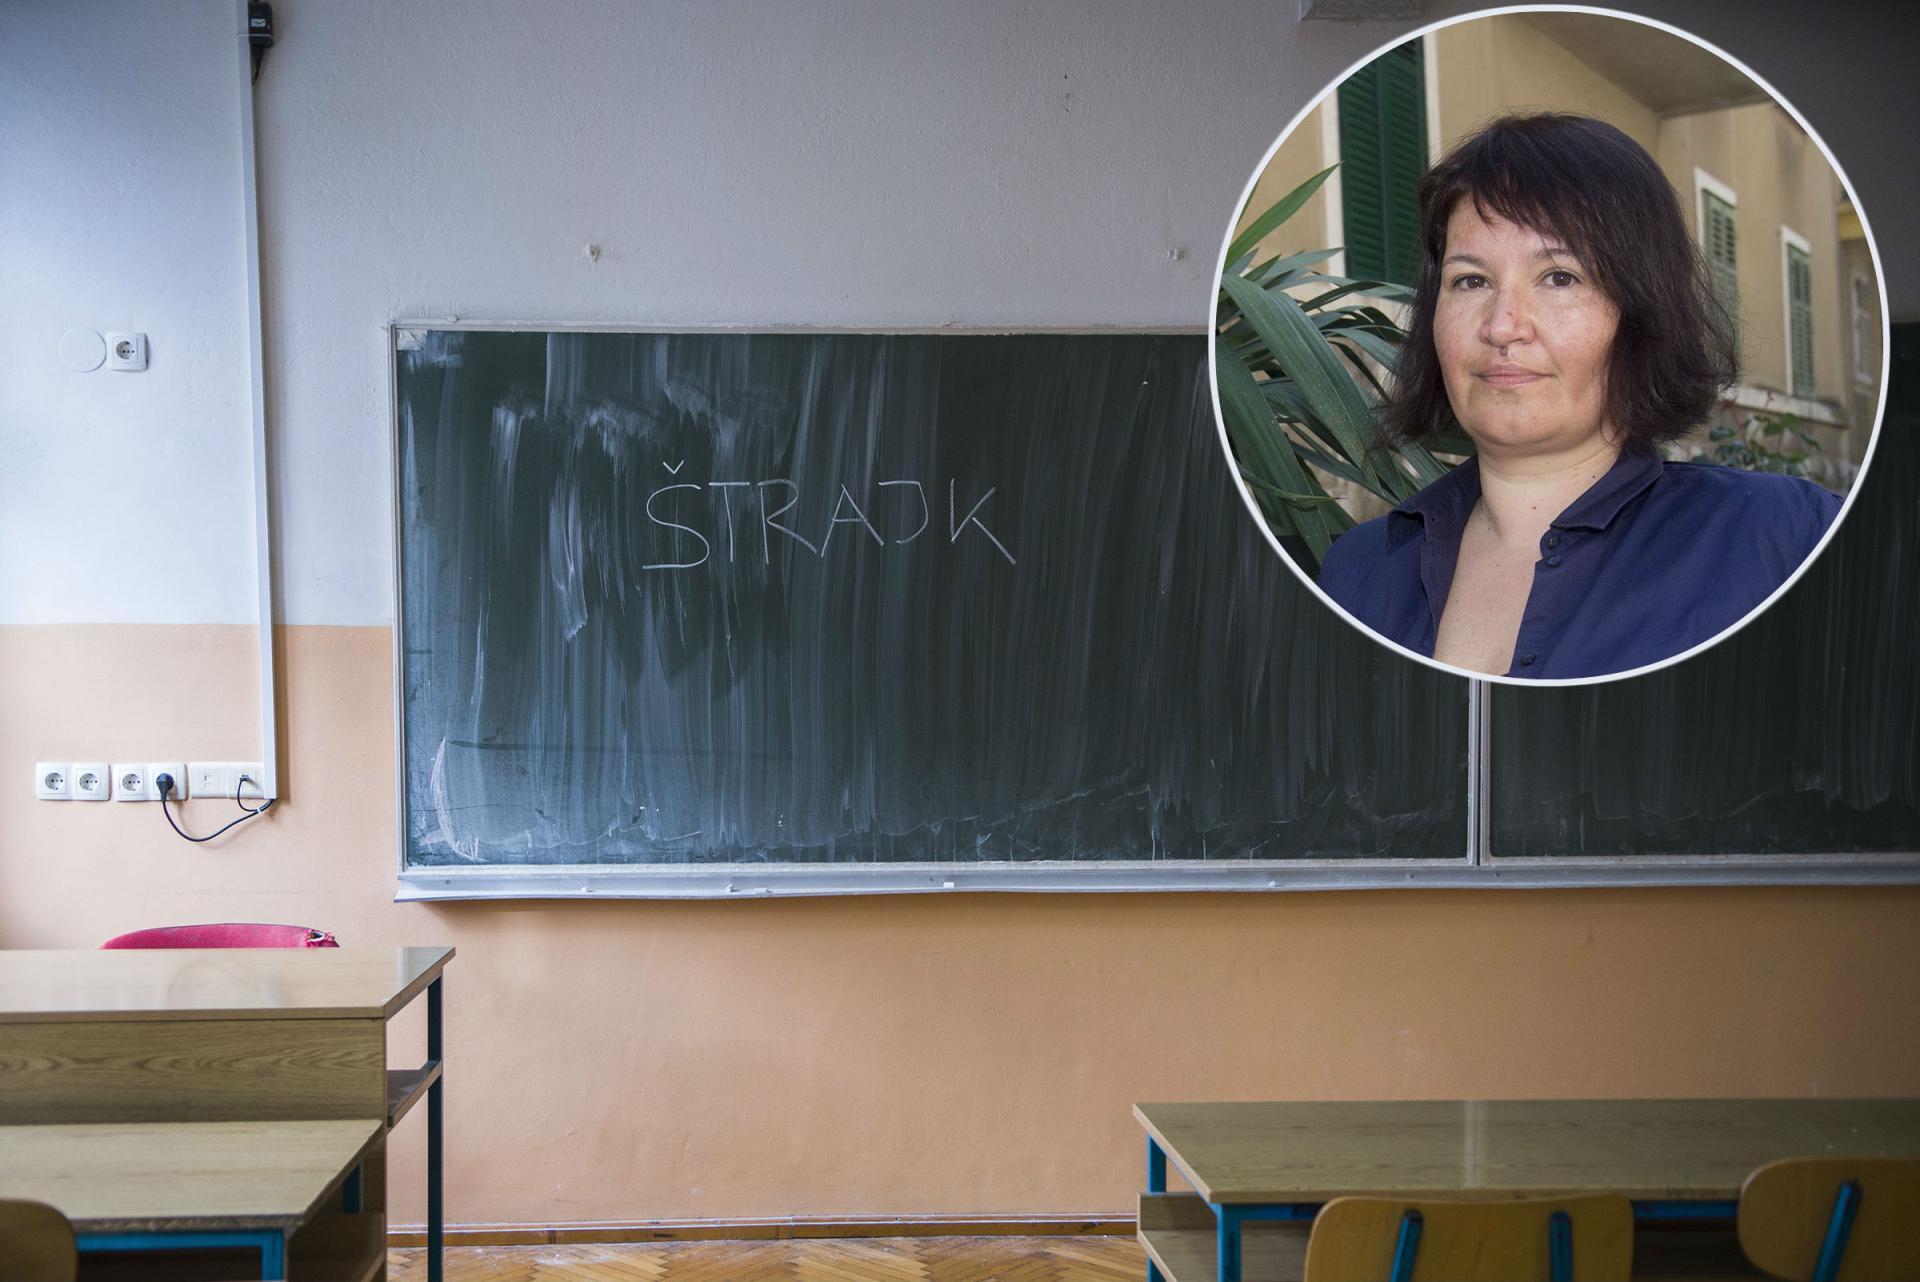 Ana Hinić. sindikalistica iz Splita: Hvala roditeljima što nas podržavaju, na vrijeme ćemo javiti kad će opet biti štrajk